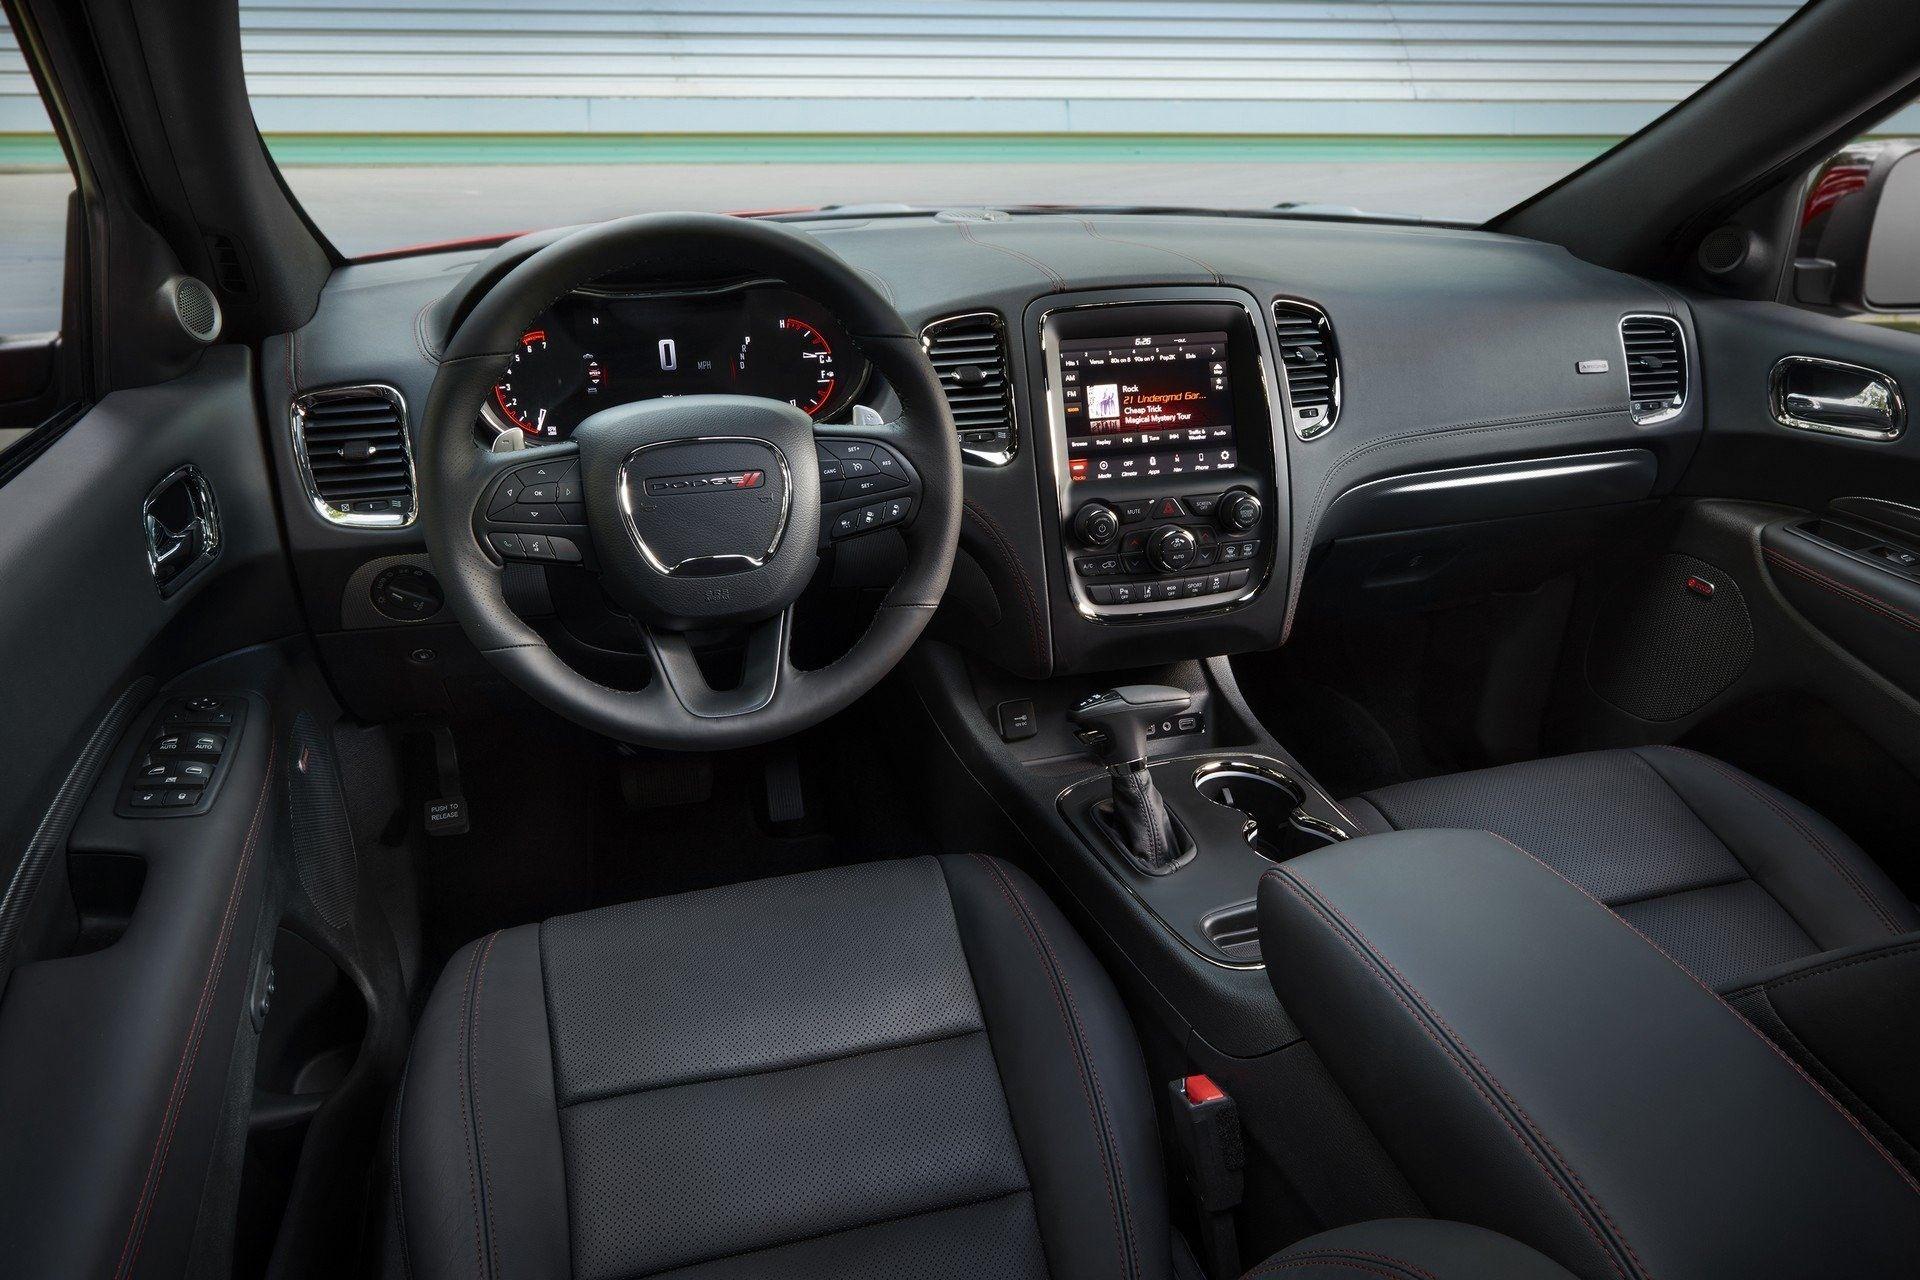 2019 Dodge Durango New Interior Car Review 2018 Dengan Gambar